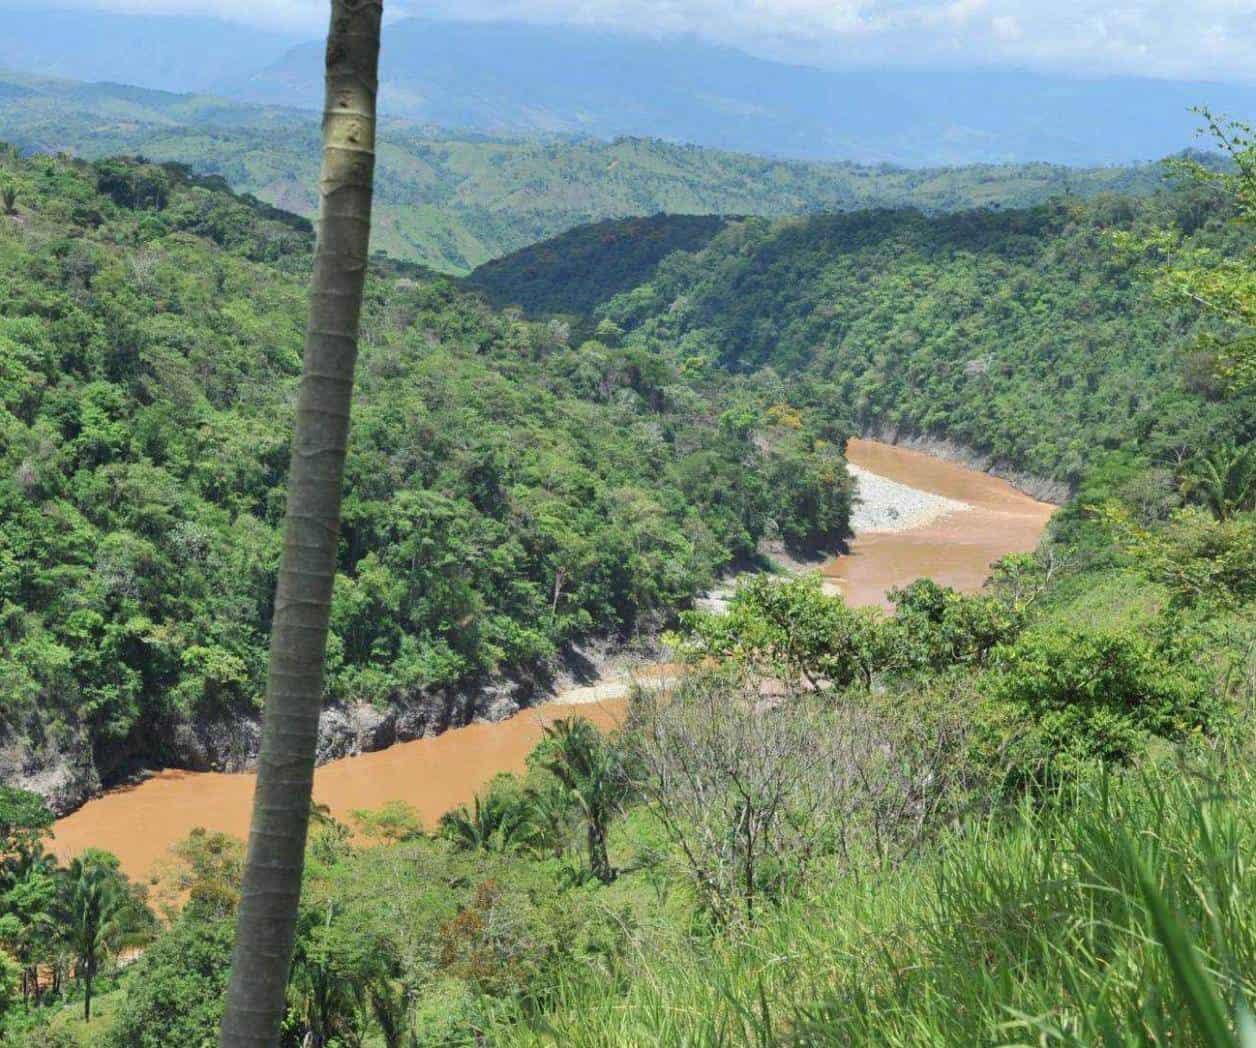 COSTA RICA NO CONSTRUIRÁ LA MAYOR HIDROELÉCTRICA DE CENTROAMÉRICA